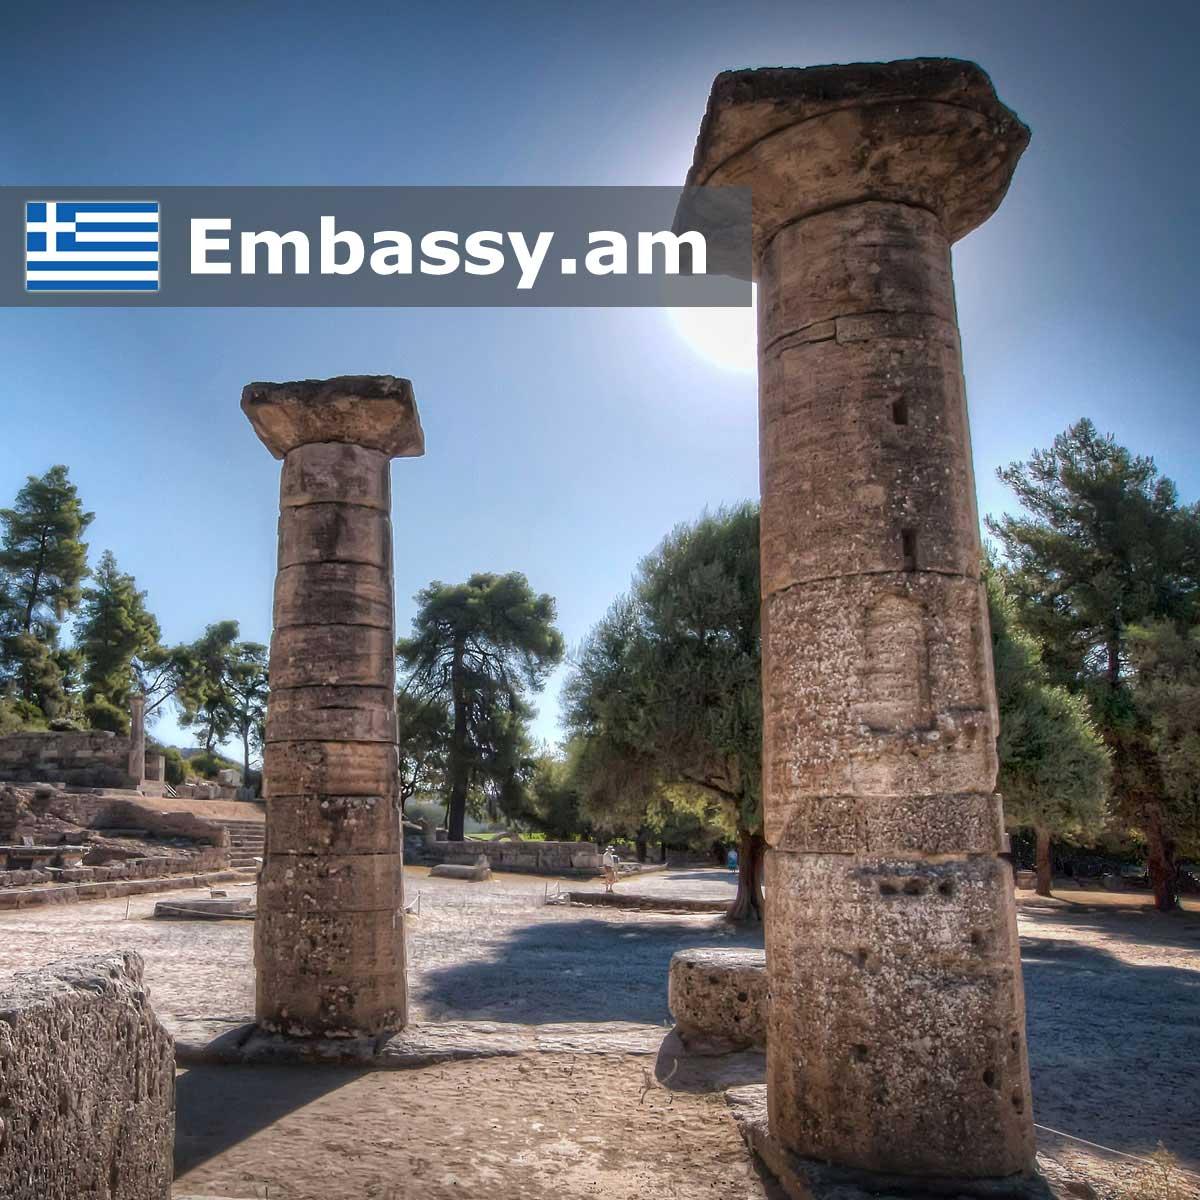 Օլիմպիա - Հյուրանոցներ Հունաստանում - Embassy.am